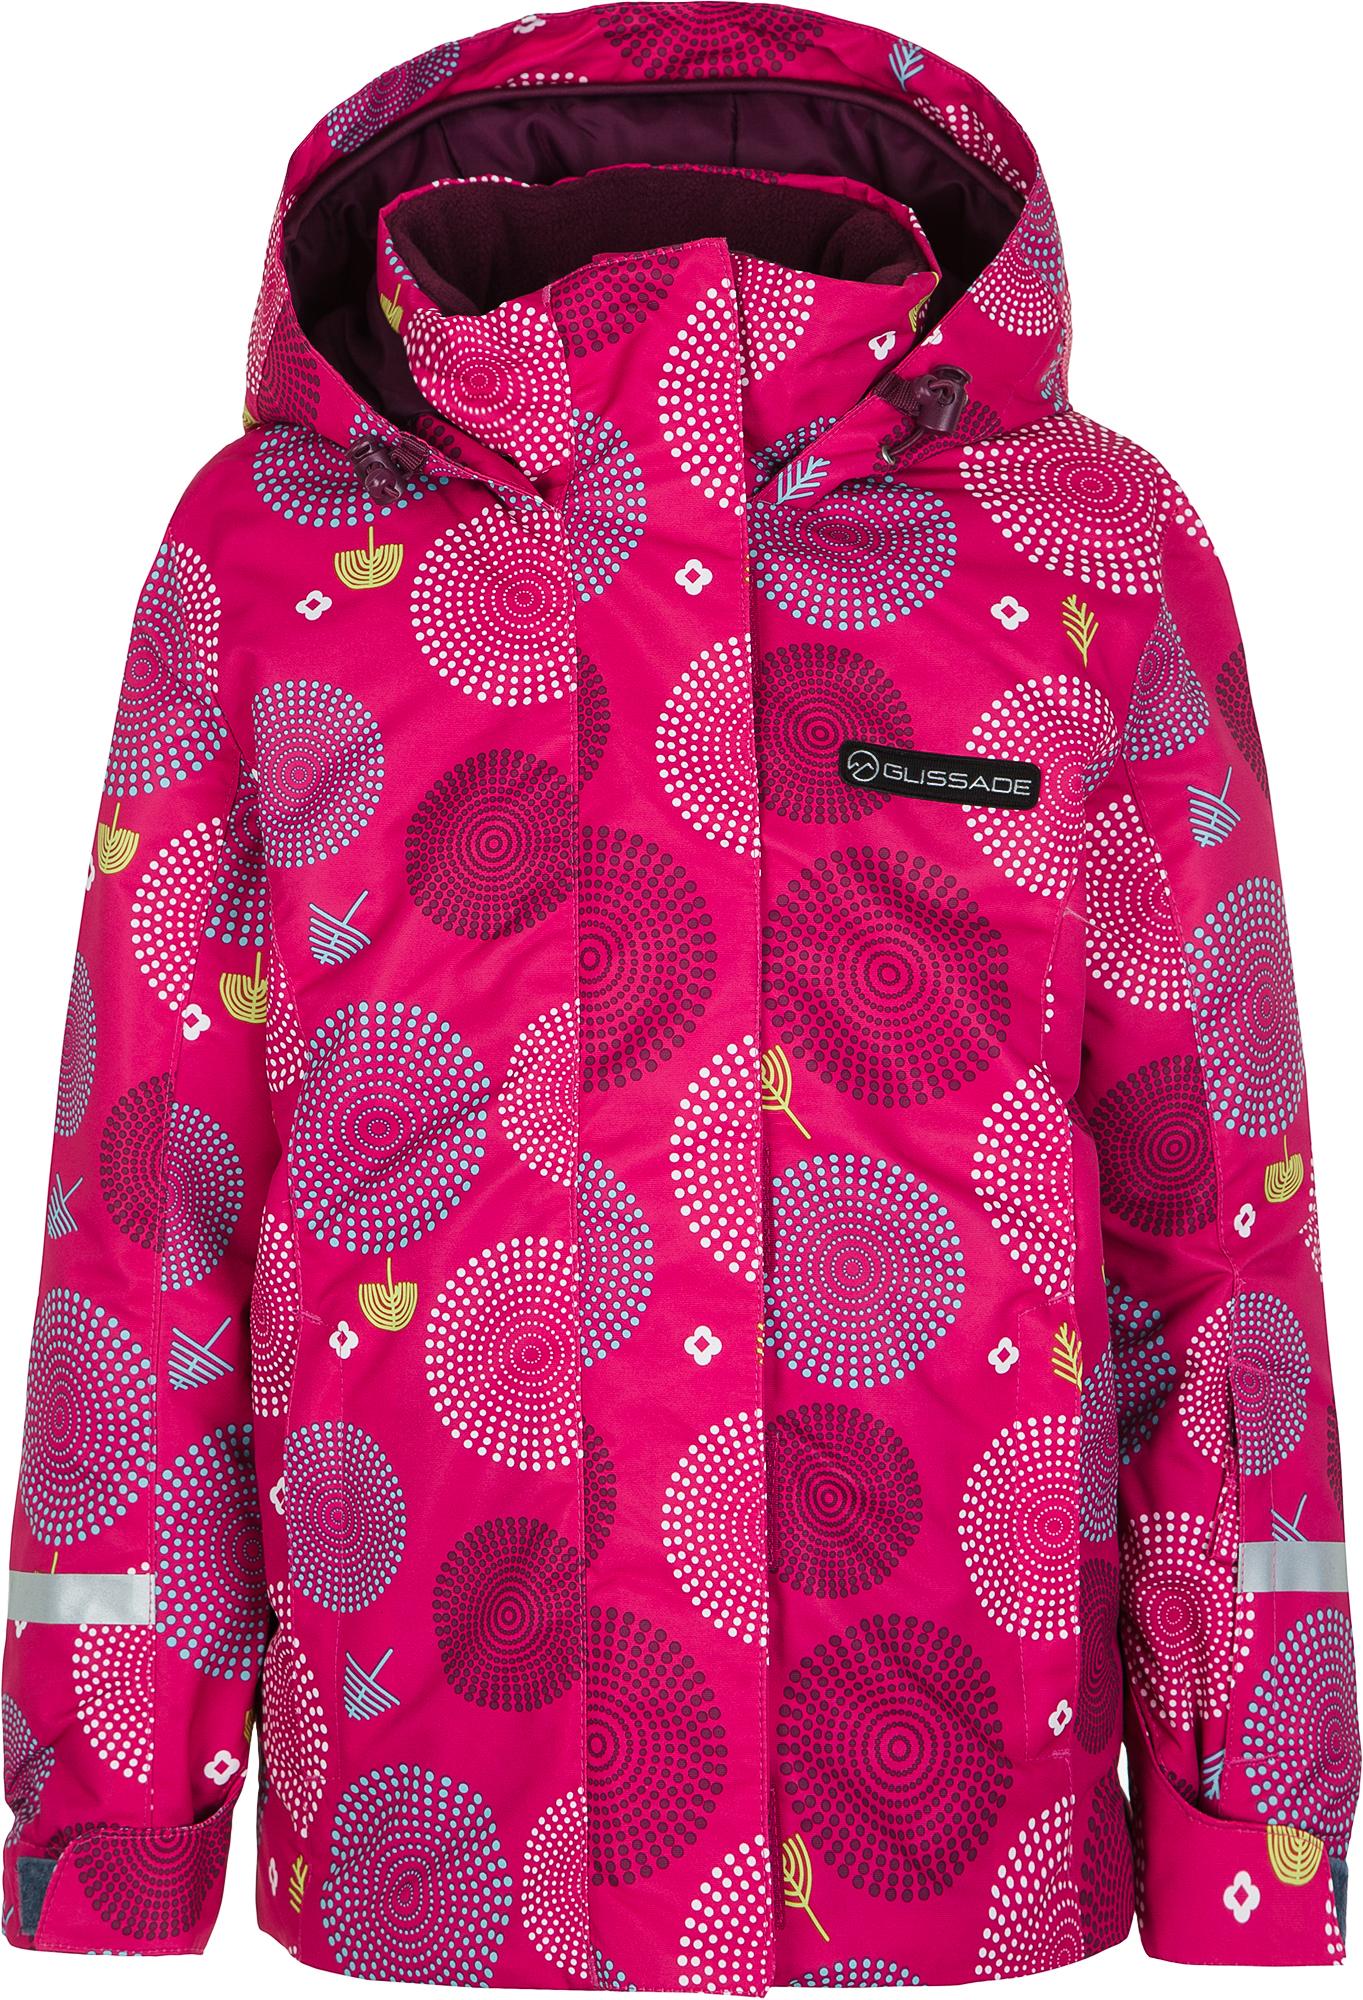 Glissade Куртка для девочек Glissade, размер 122 куртка для девочек atplay цвет серый 1jk803 размер 86